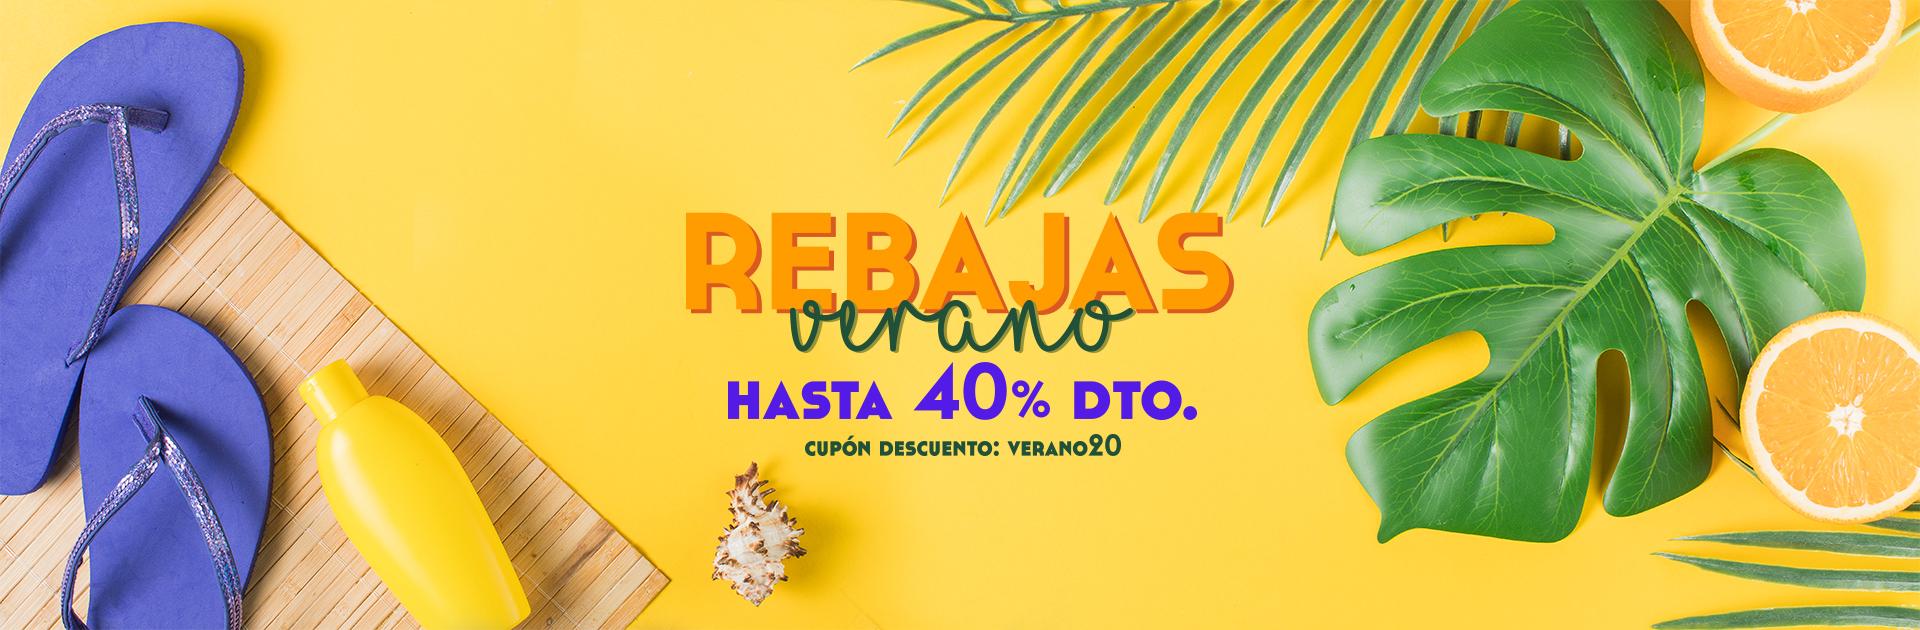 capritx_banner-web_rebajas-verano_851x360-concentrado_290620